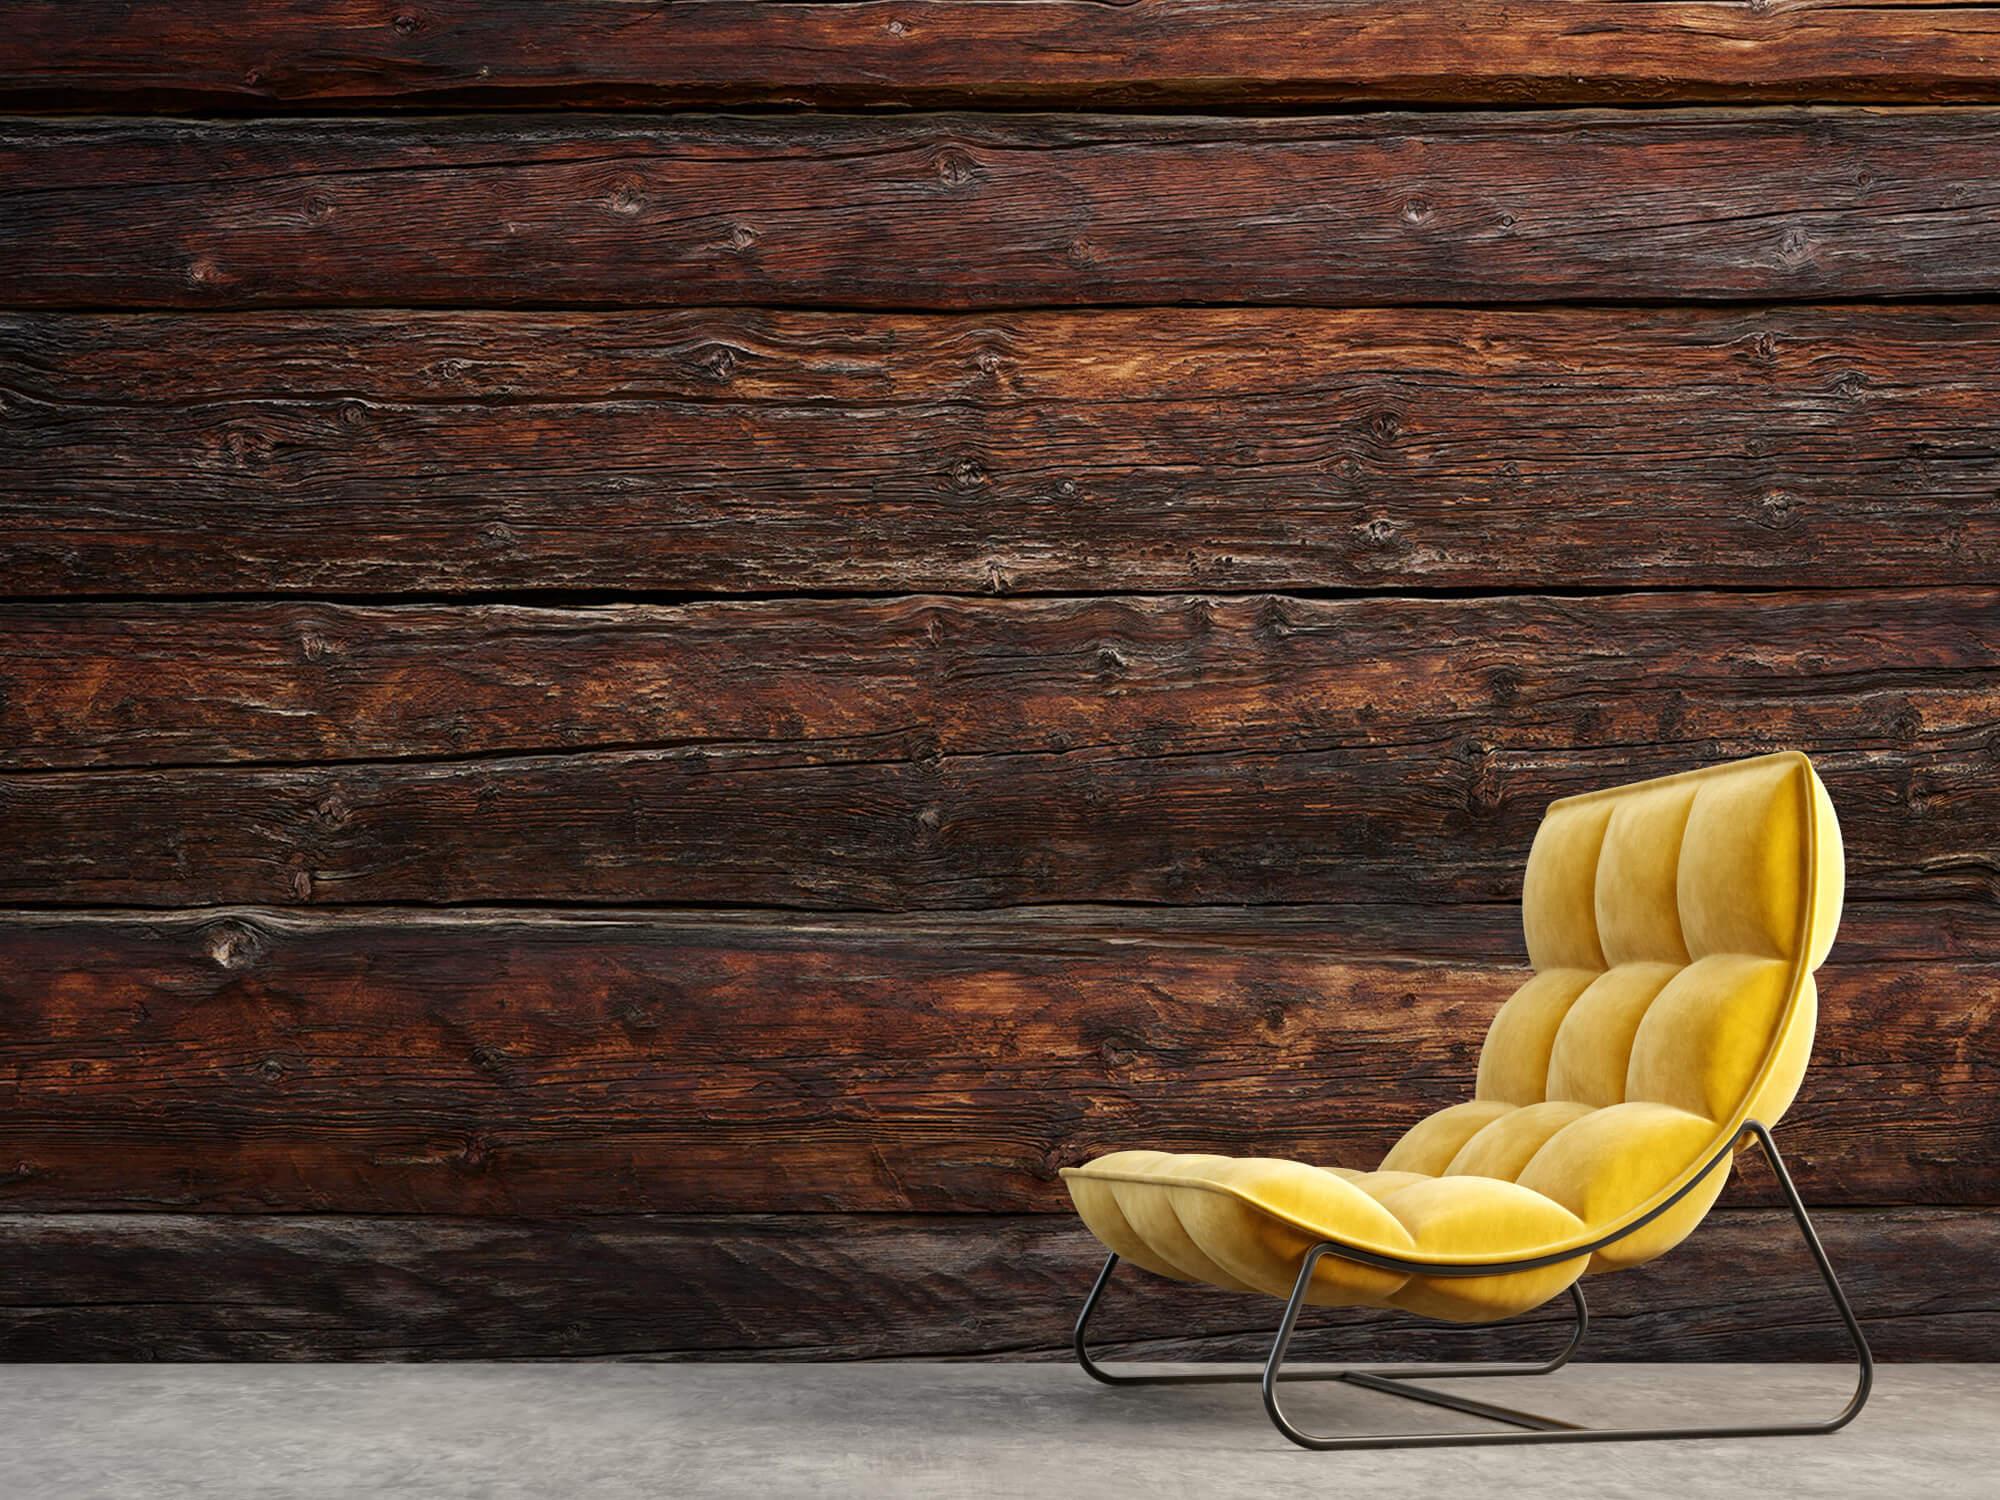 Wooden wallpaper - Coarse wood - Bedroom 1